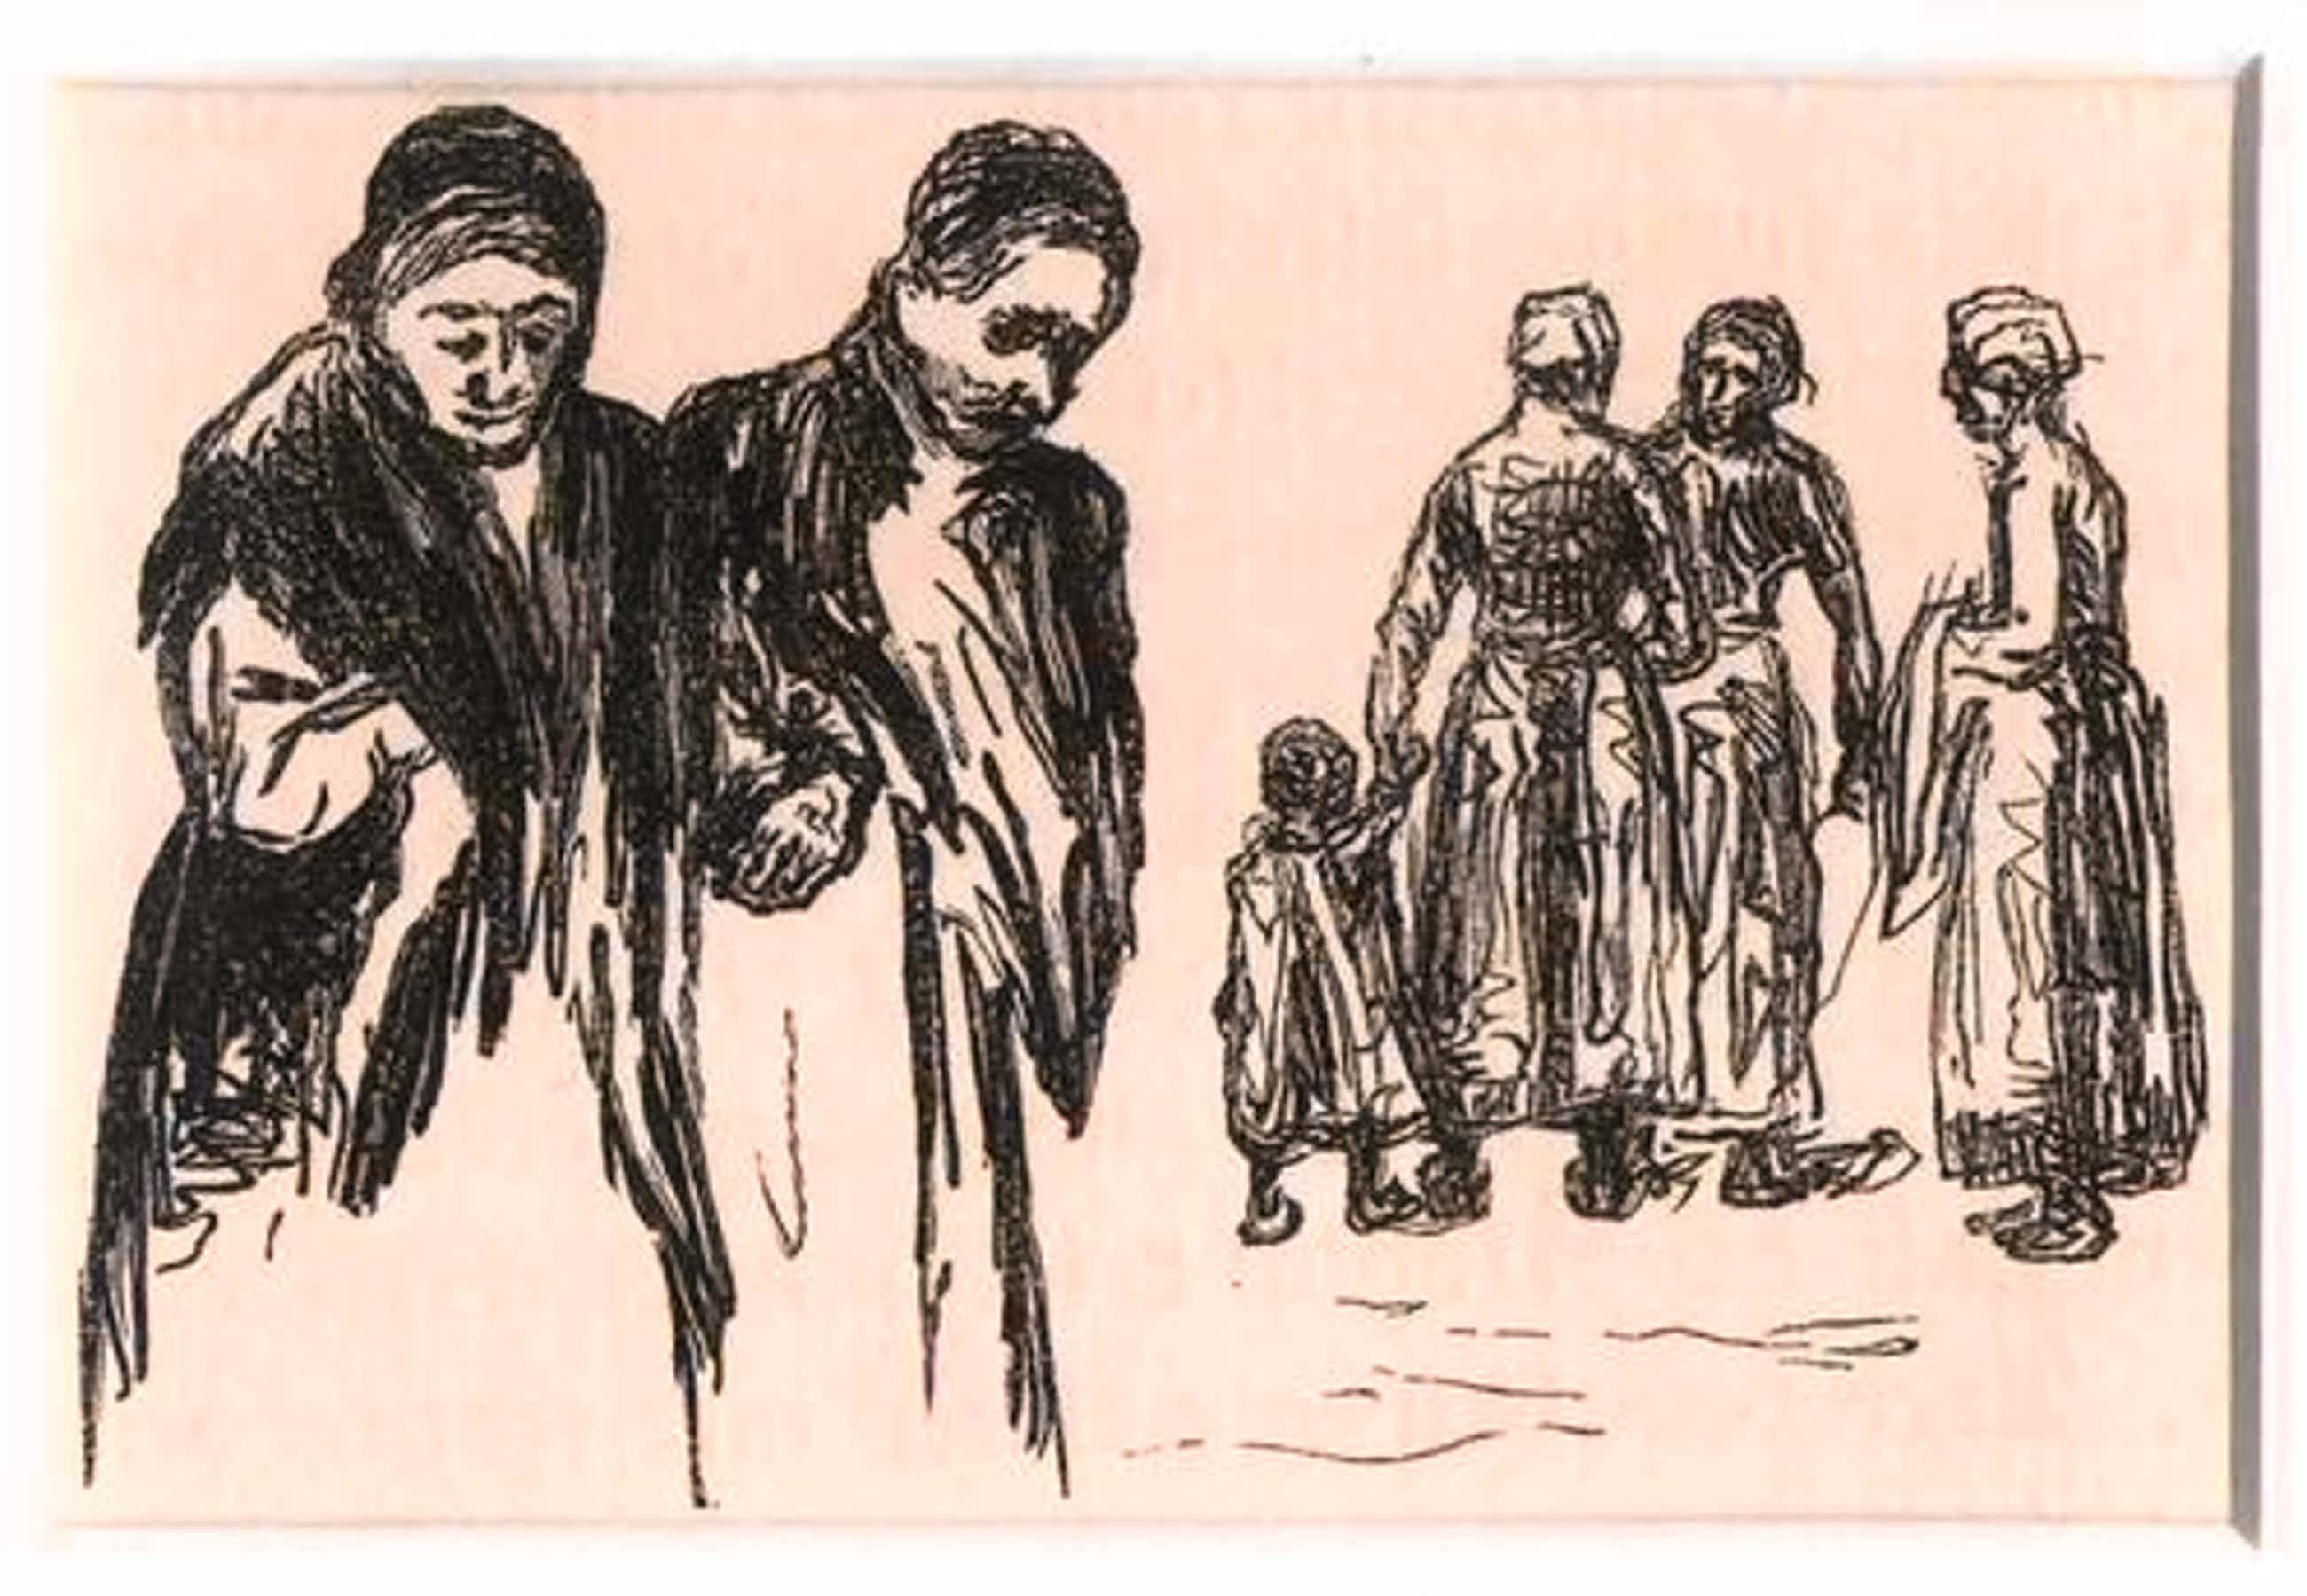 Max Liebermann - TRAUERNDE FRAUEN - OriginalHolzschnitt 1922 - von Reinhold HOBERG ins Holz geschnitten (Unter PP) kopen? Bied vanaf 55!